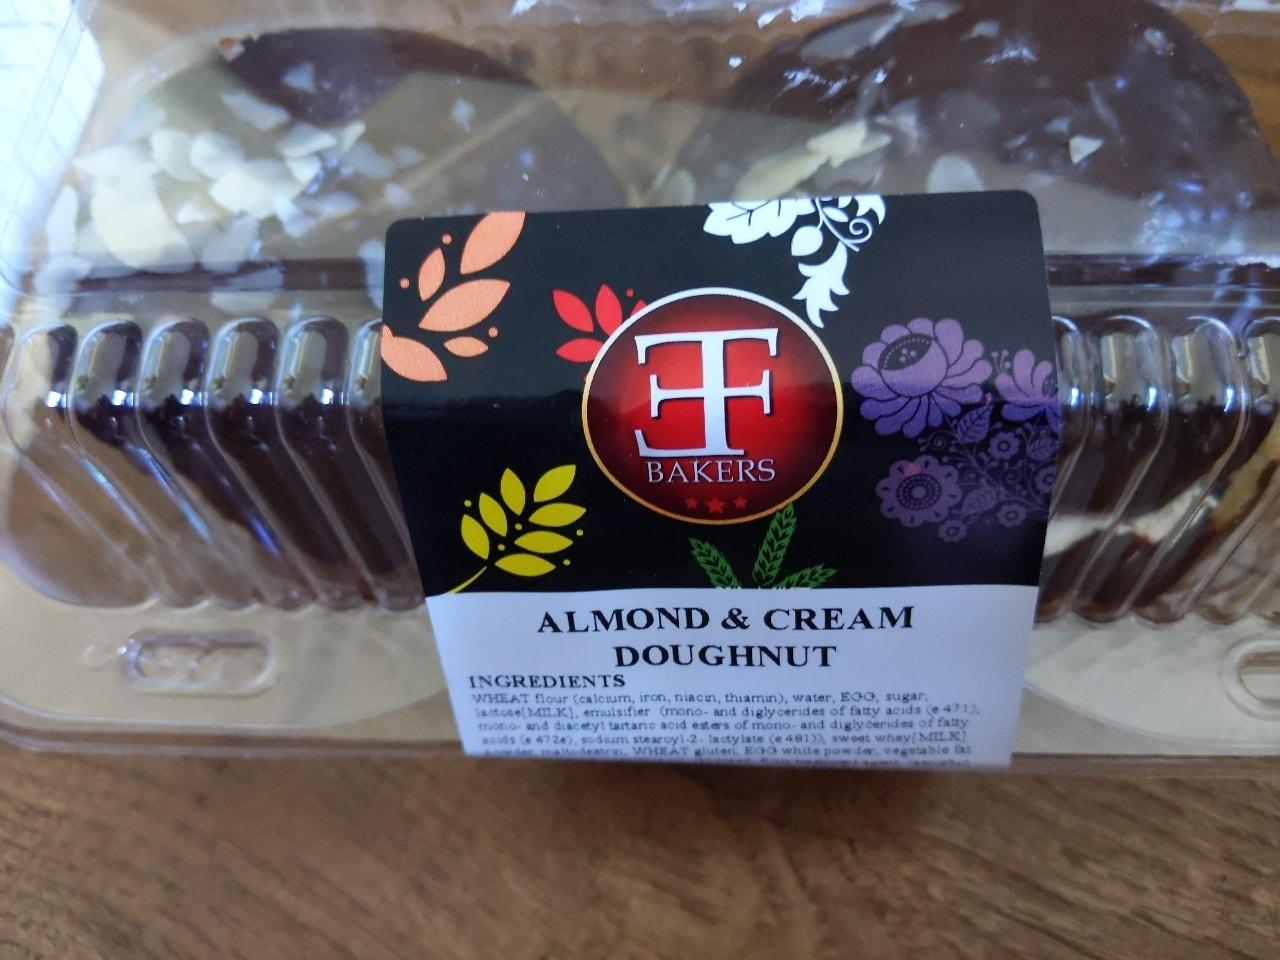 Almond and cream doughnuts